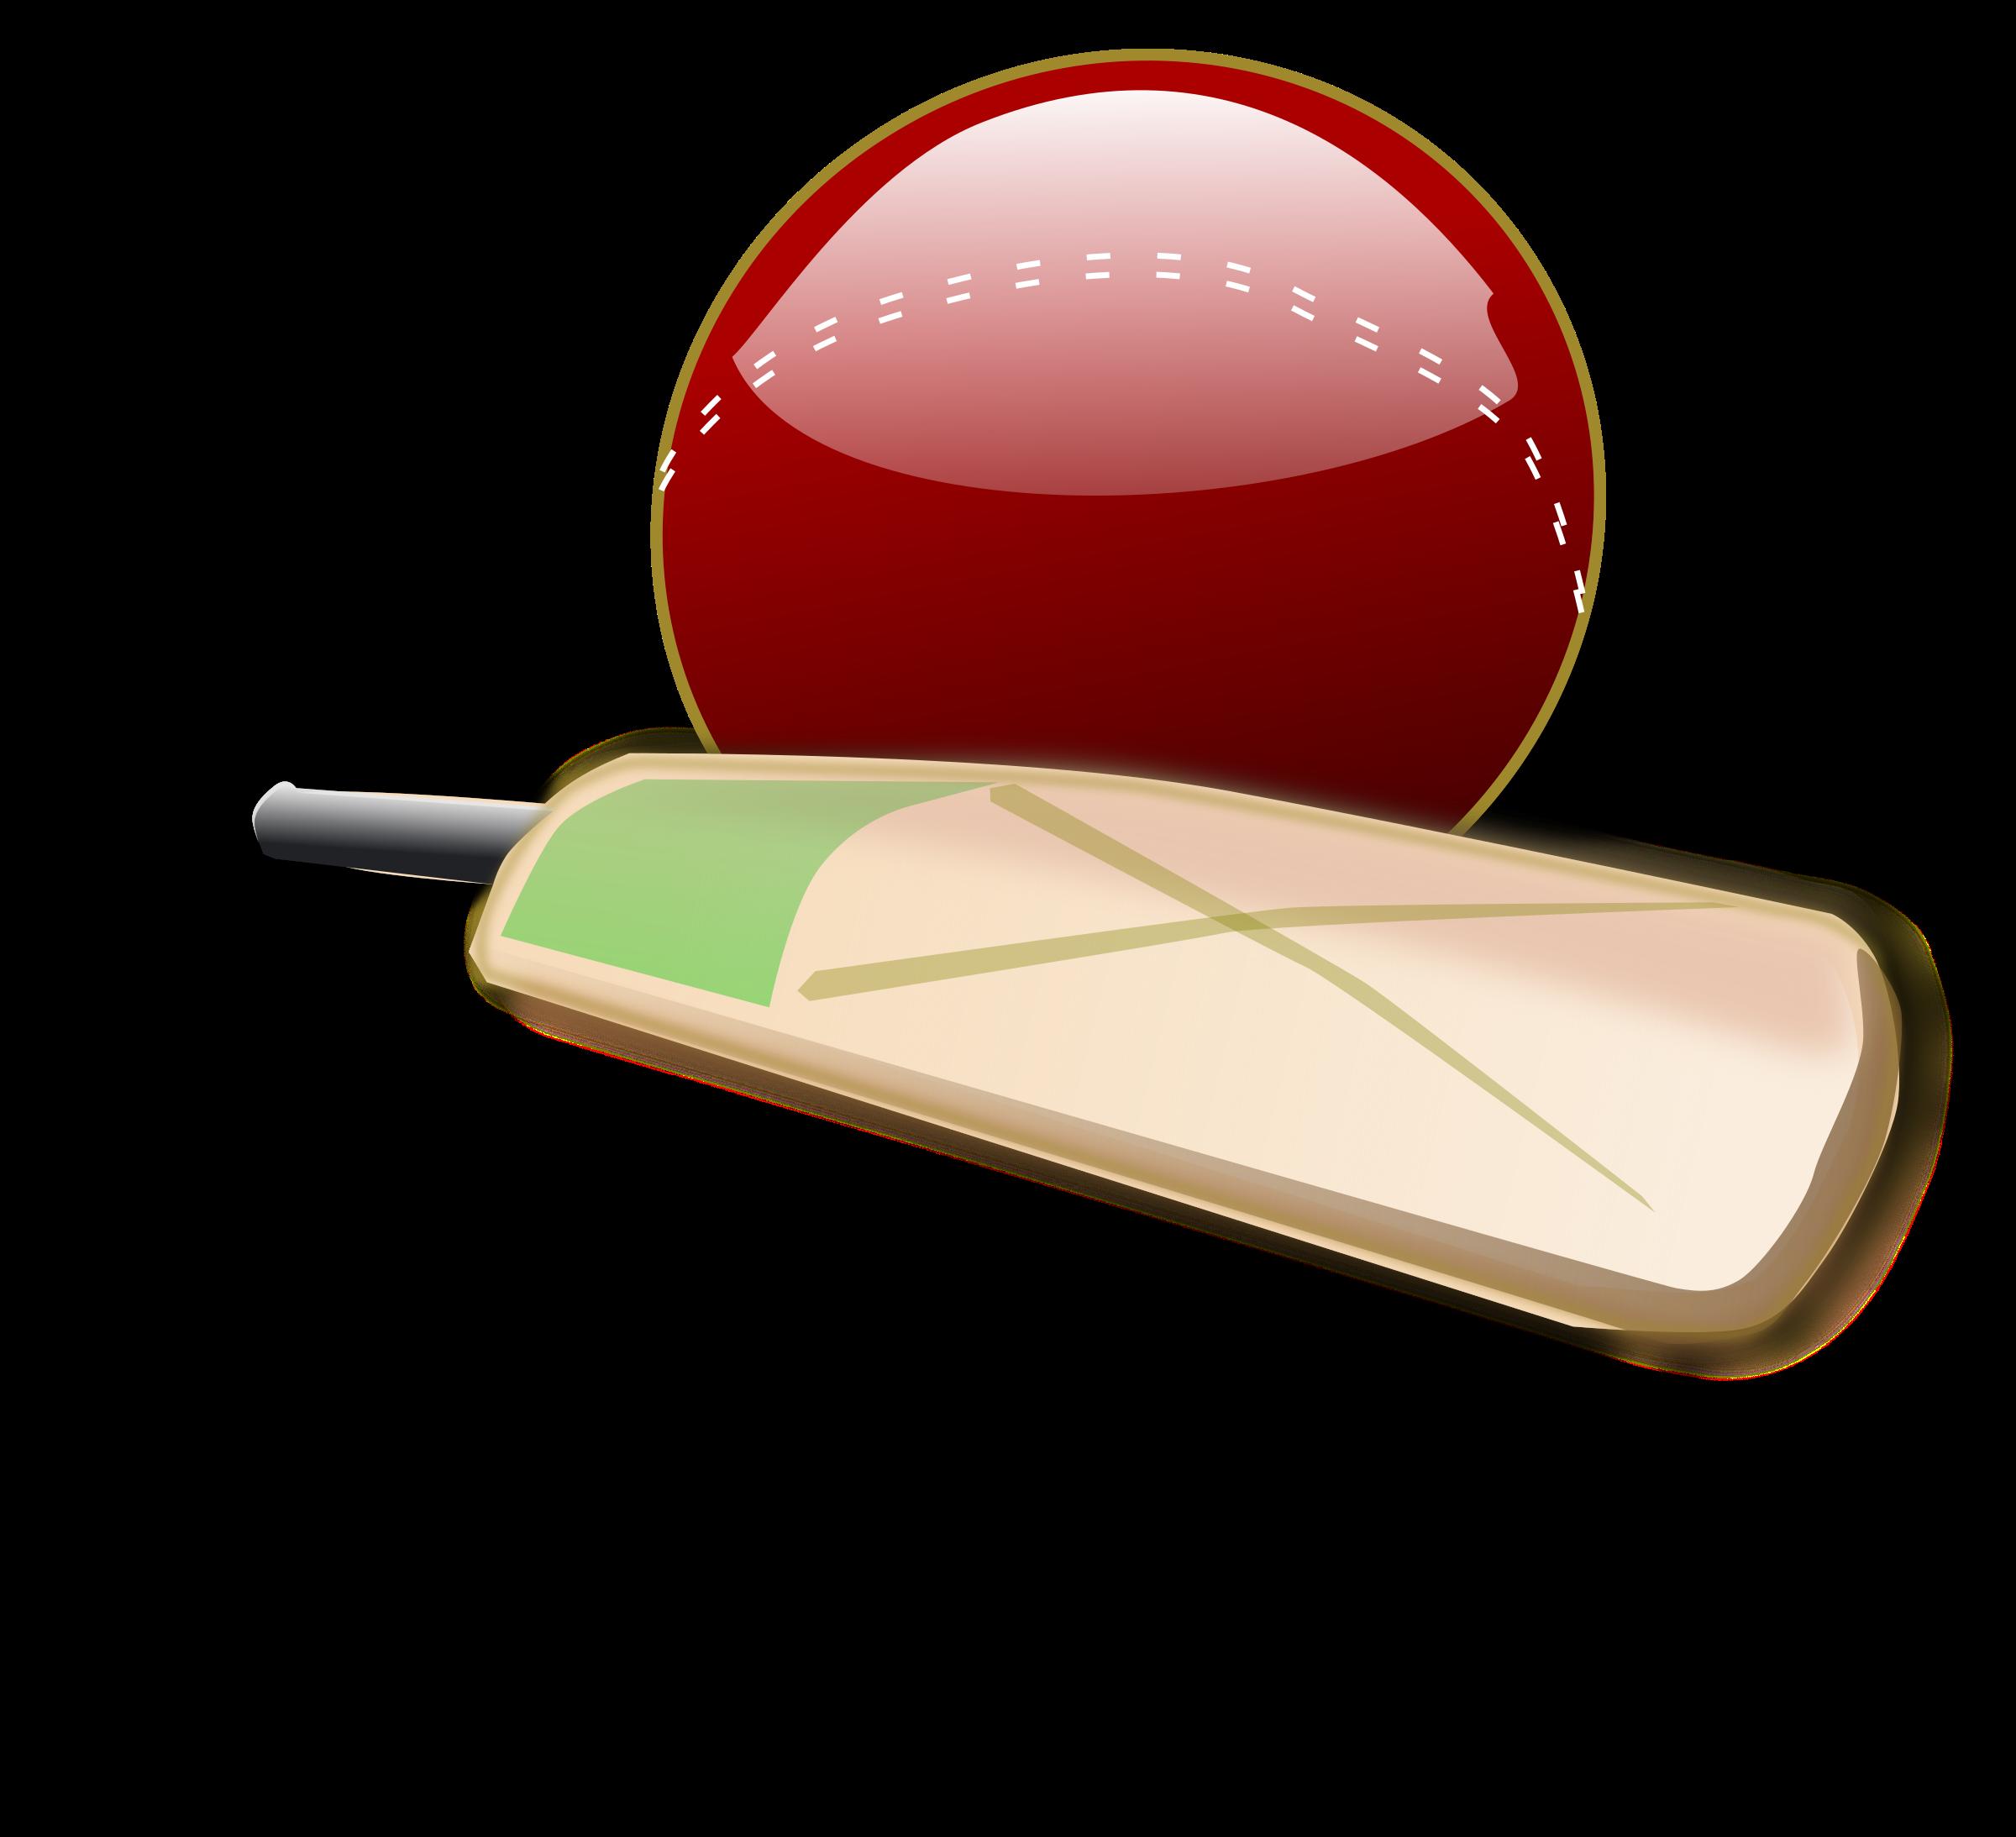 Cricket match clipart #2